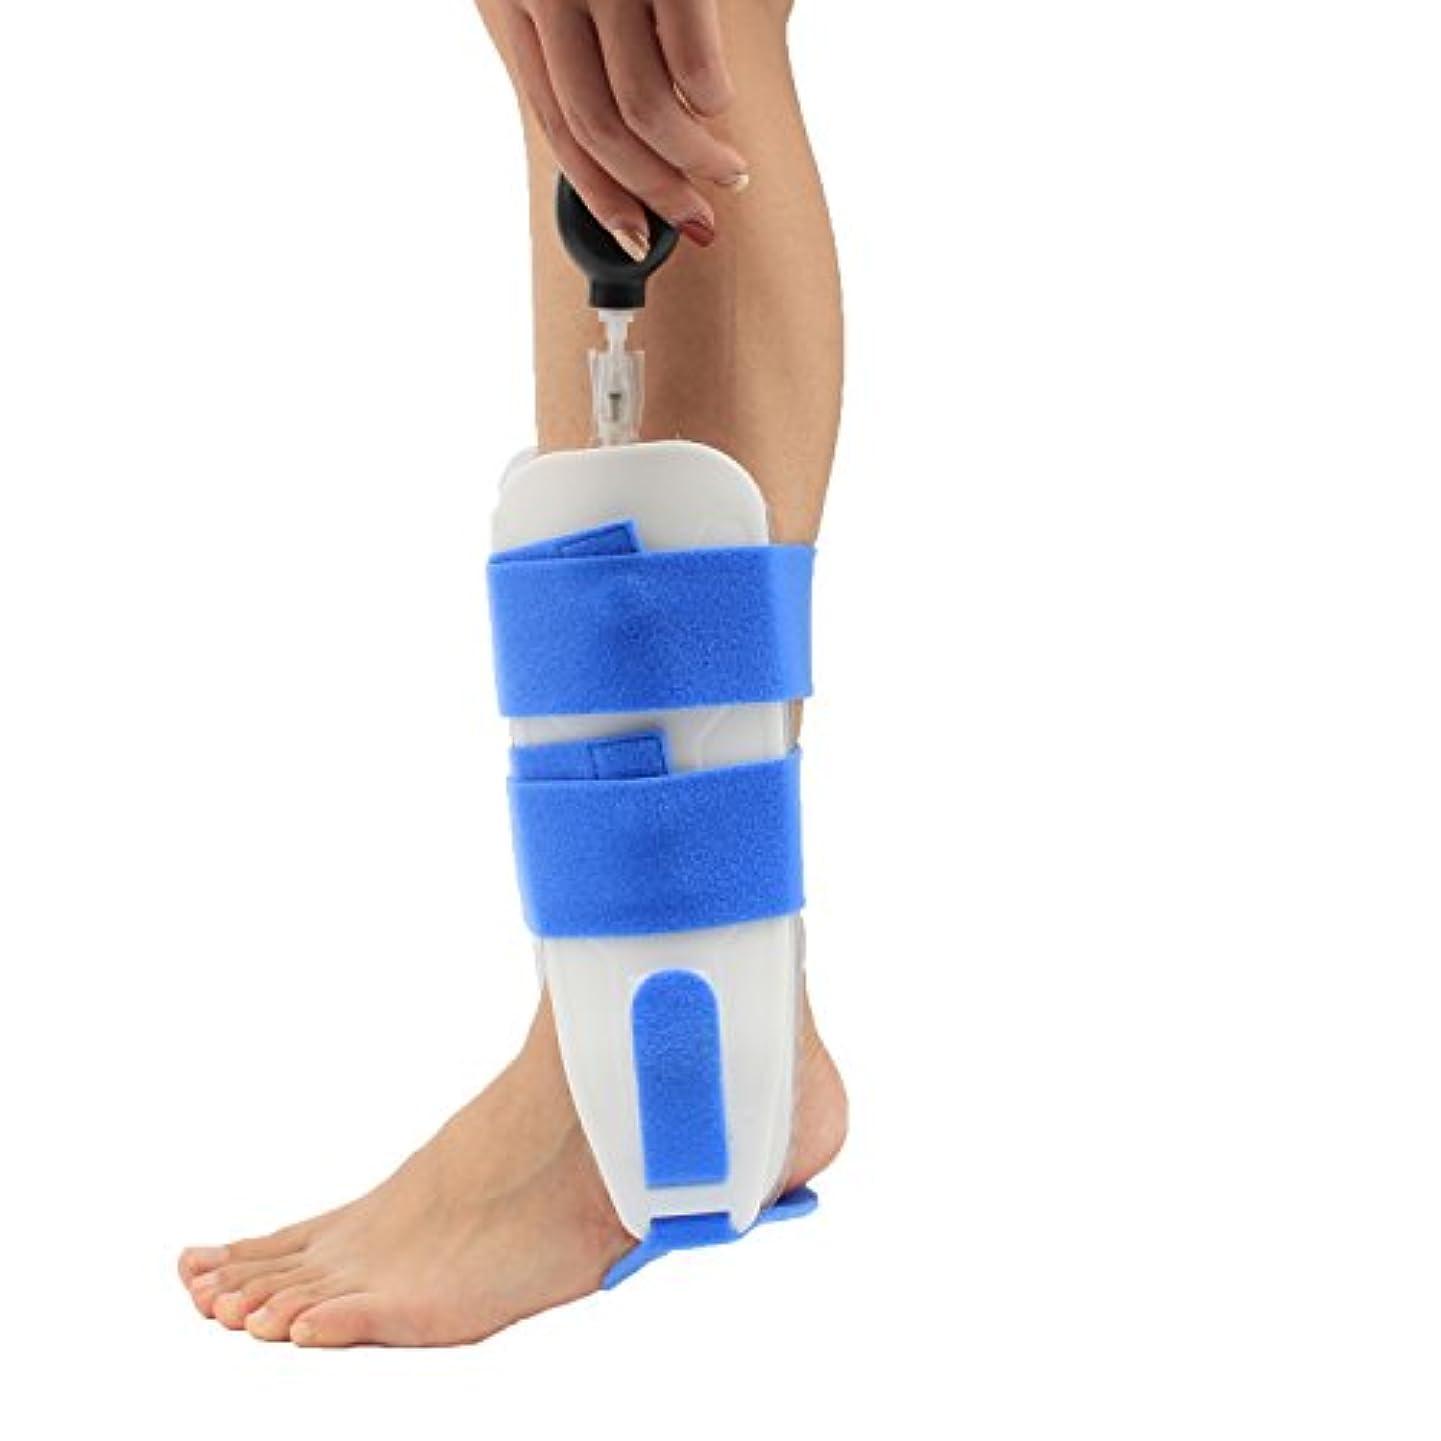 賞賛クリエイティブやりすぎ足首サポートブレースインフレータブルエアー圧縮エアクッション足首がっちり固定足スプリント/関節炎/関節痛/骨折スポーツ傷害回復 左右兼用 フリーサイズ,2Pack